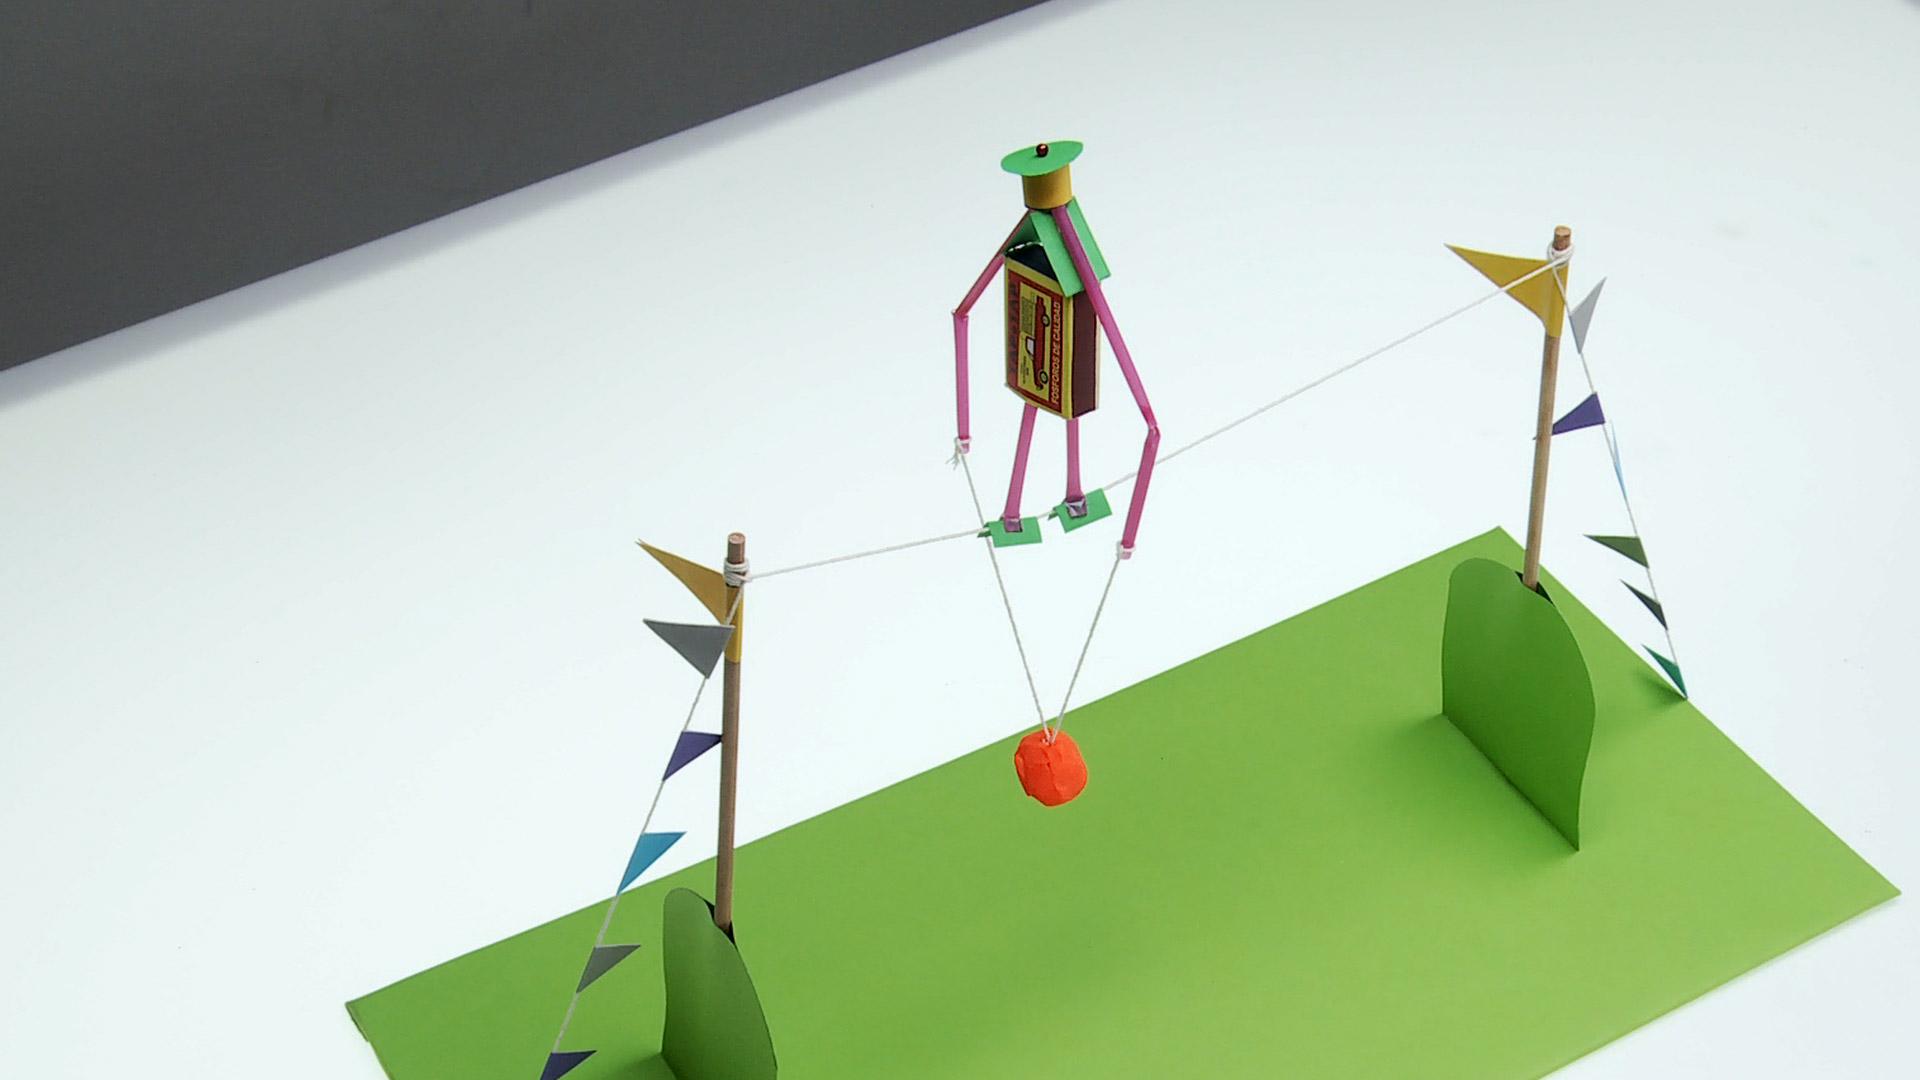 Un muñeco equilibrista debe tener muy bien repartido su peso, y mantener su centro estable para no caerse. En este proyecto enseñaremos a amar uno que puede hacer con materiales que hay en la casa, y que es parte de un circo o una cuerda de equilibrio.